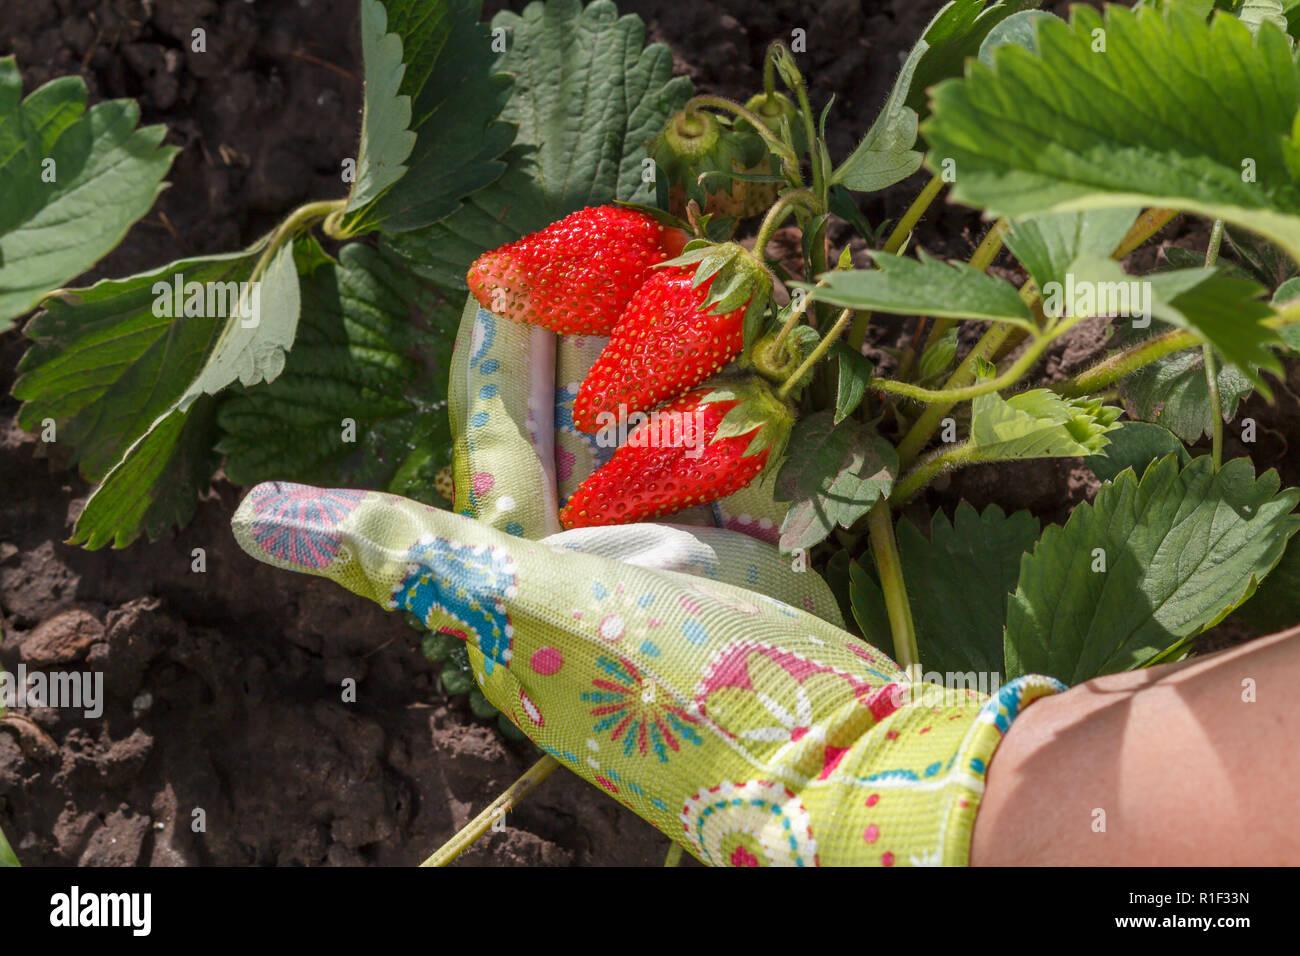 En Las Mano Fresas Está Jardinero Maduras Celebrando Femenino 8wN0mn